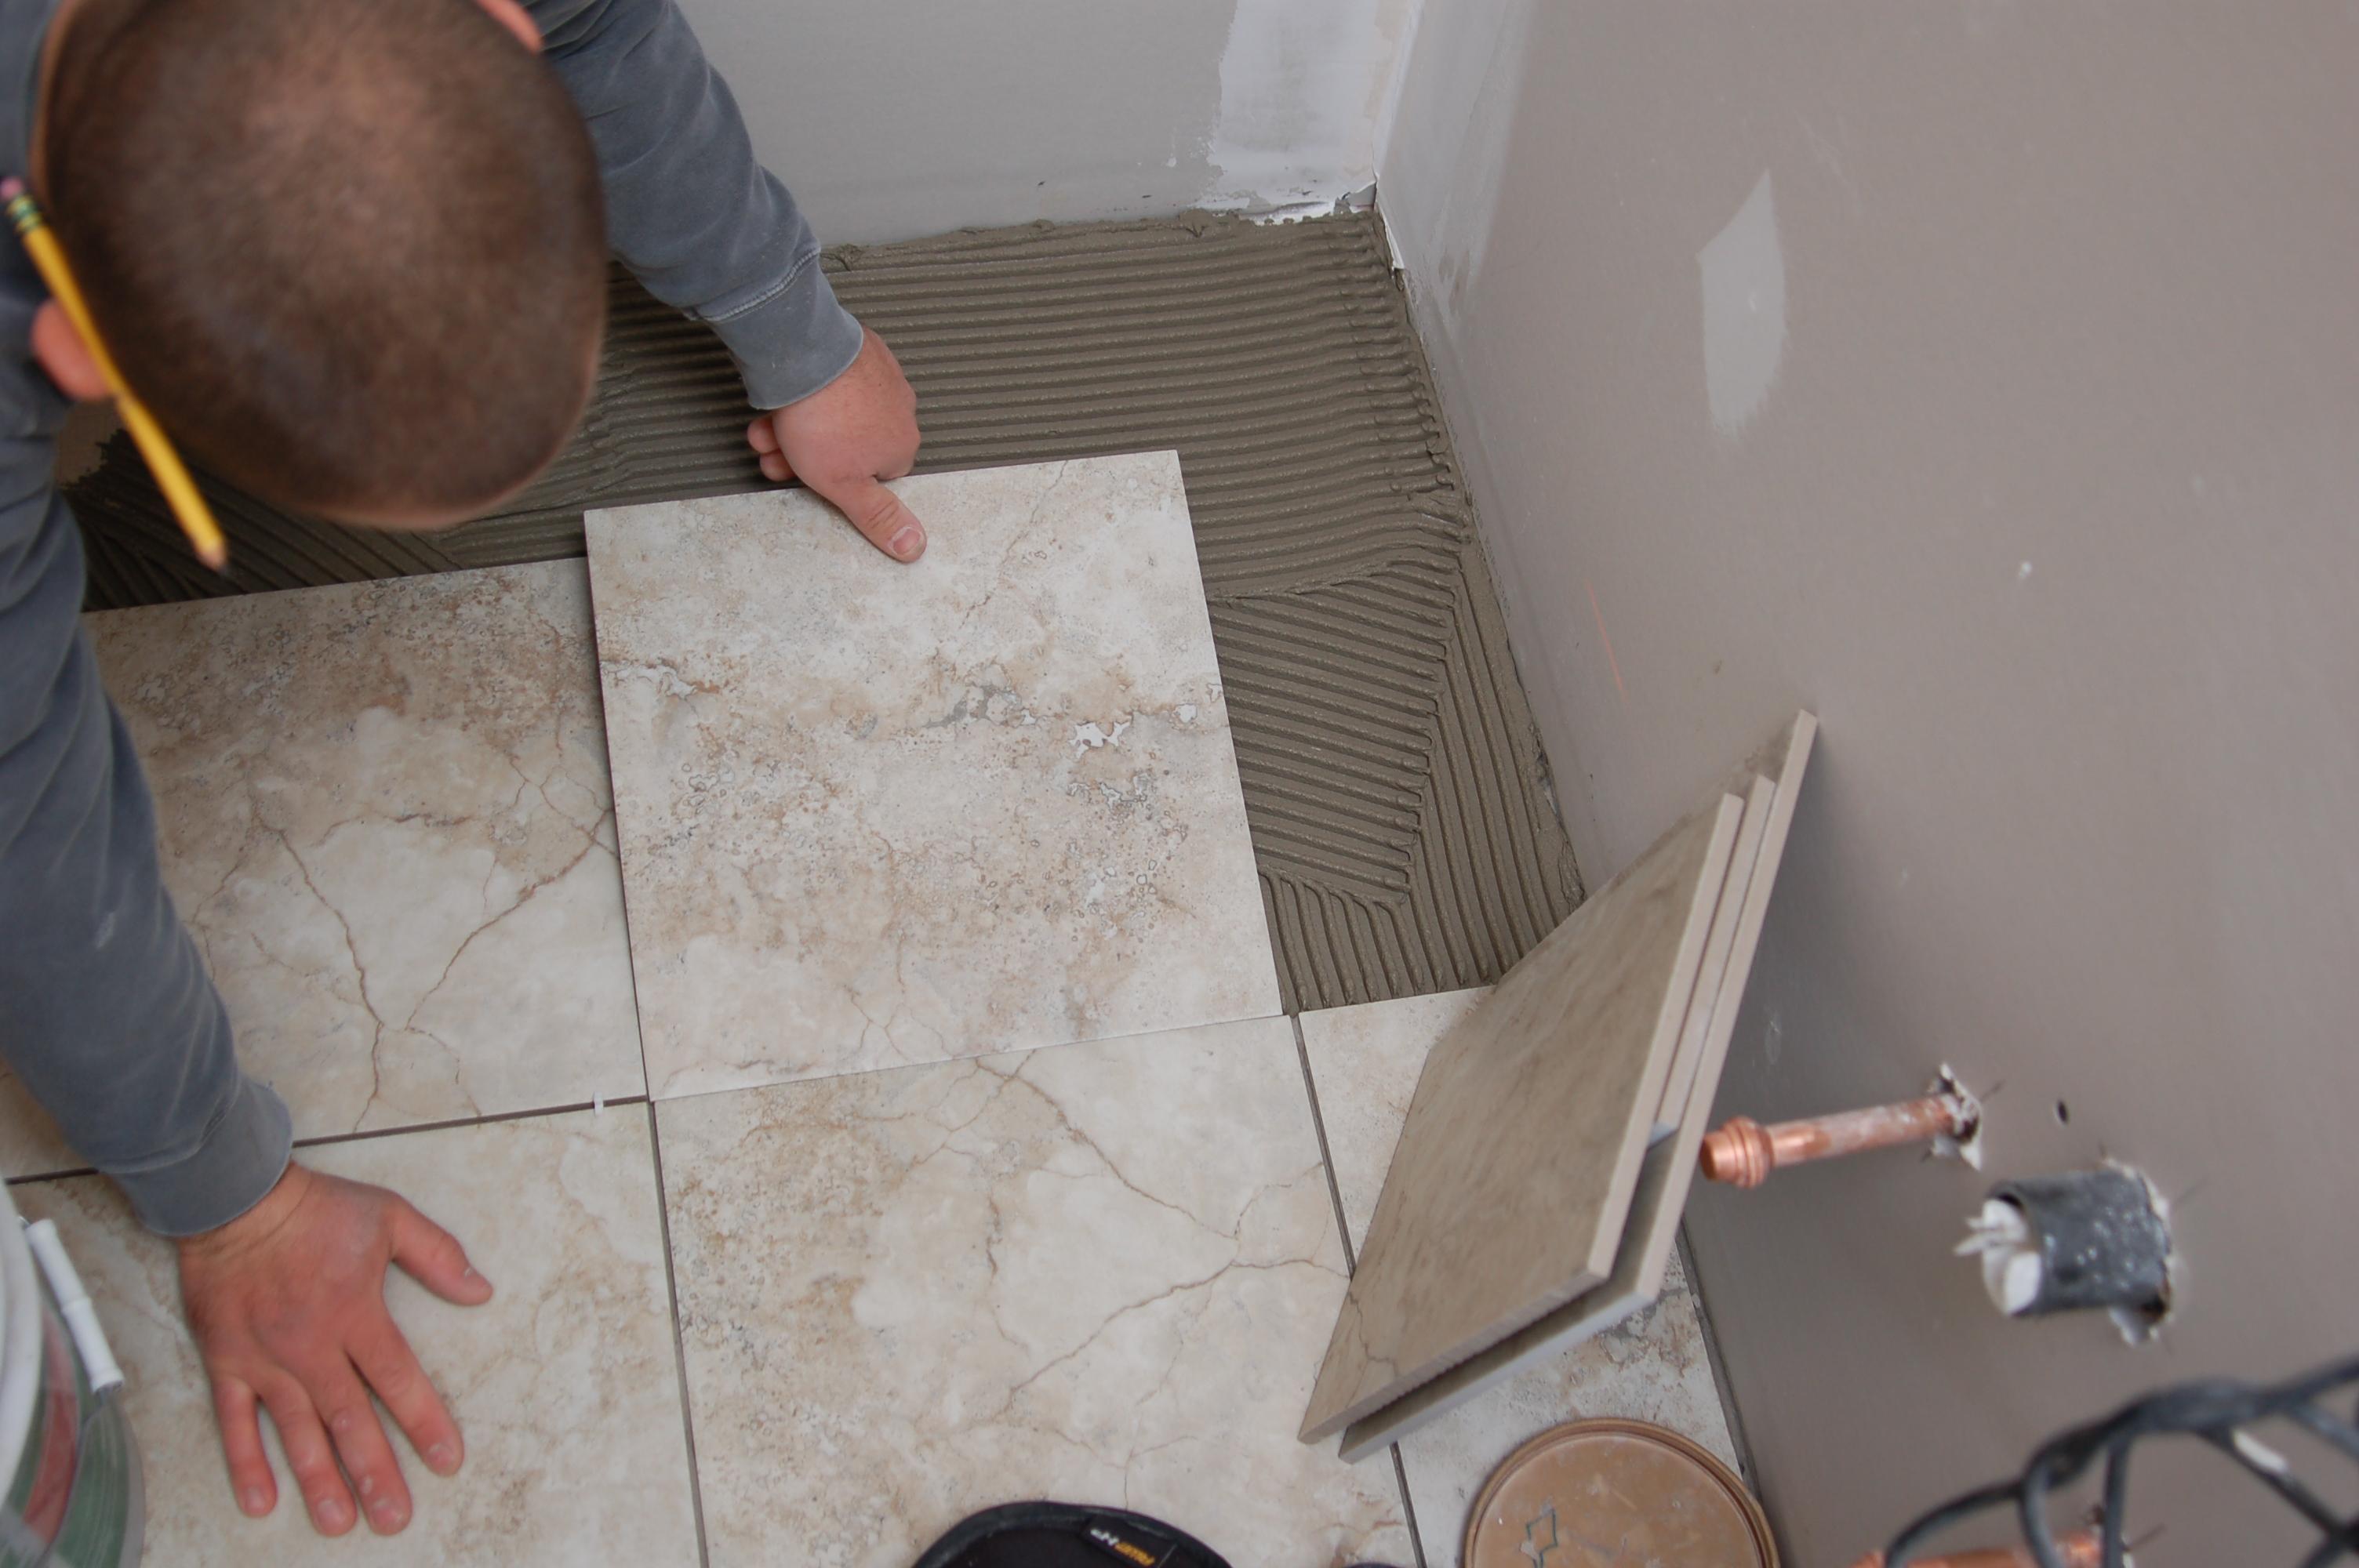 Aprende a instalar cermica en tus pisos simple y muy